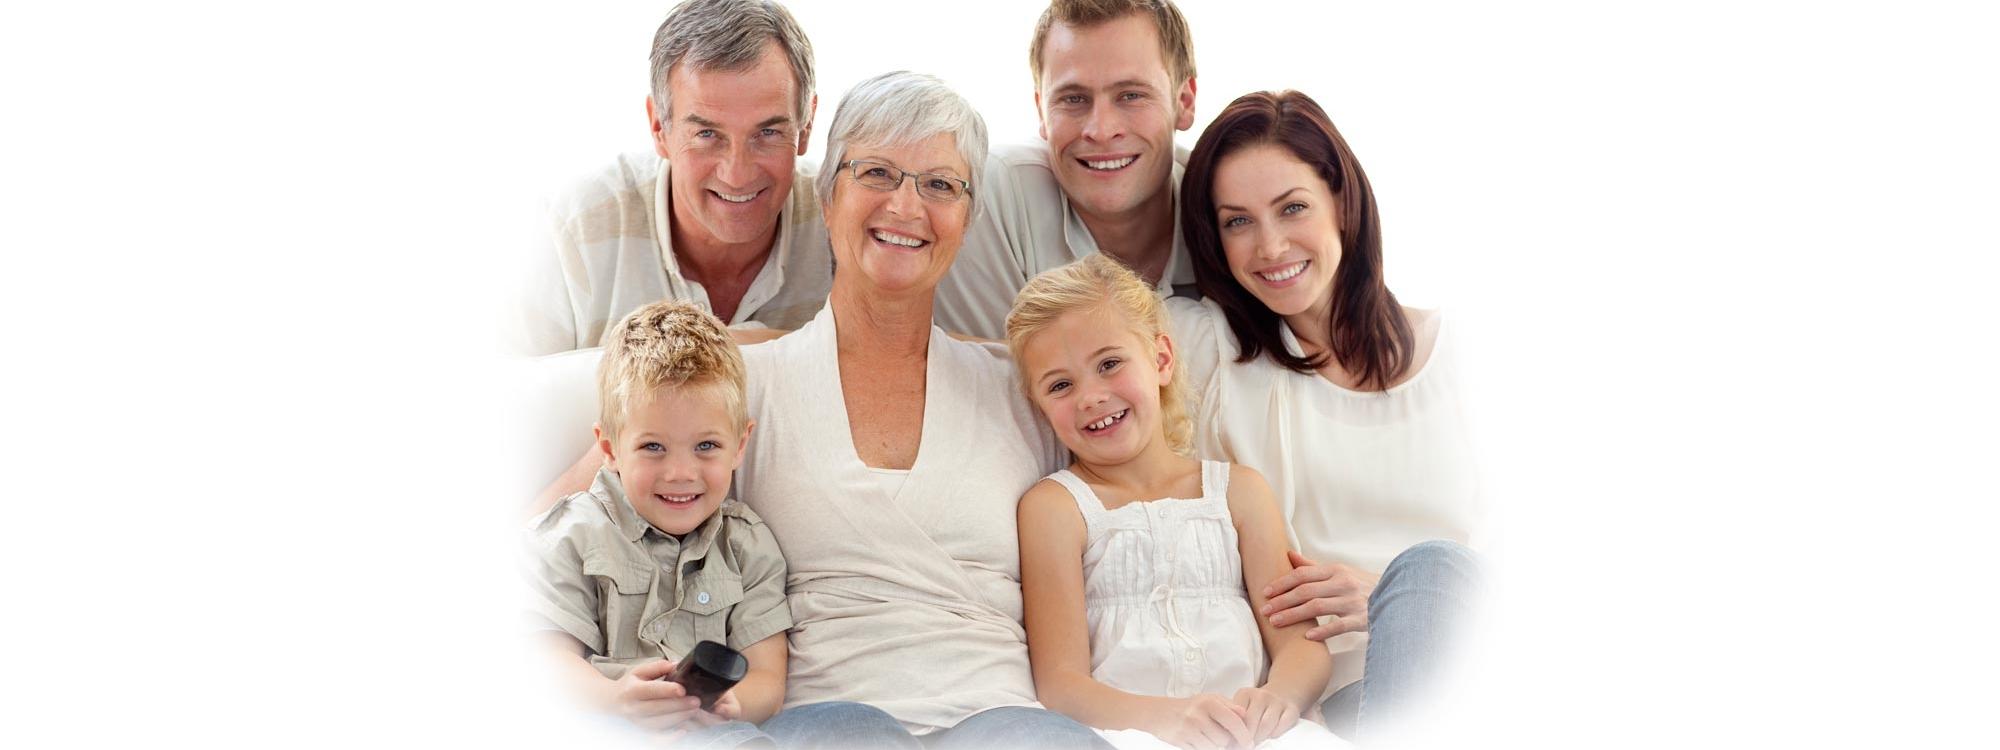 Familie_10826122